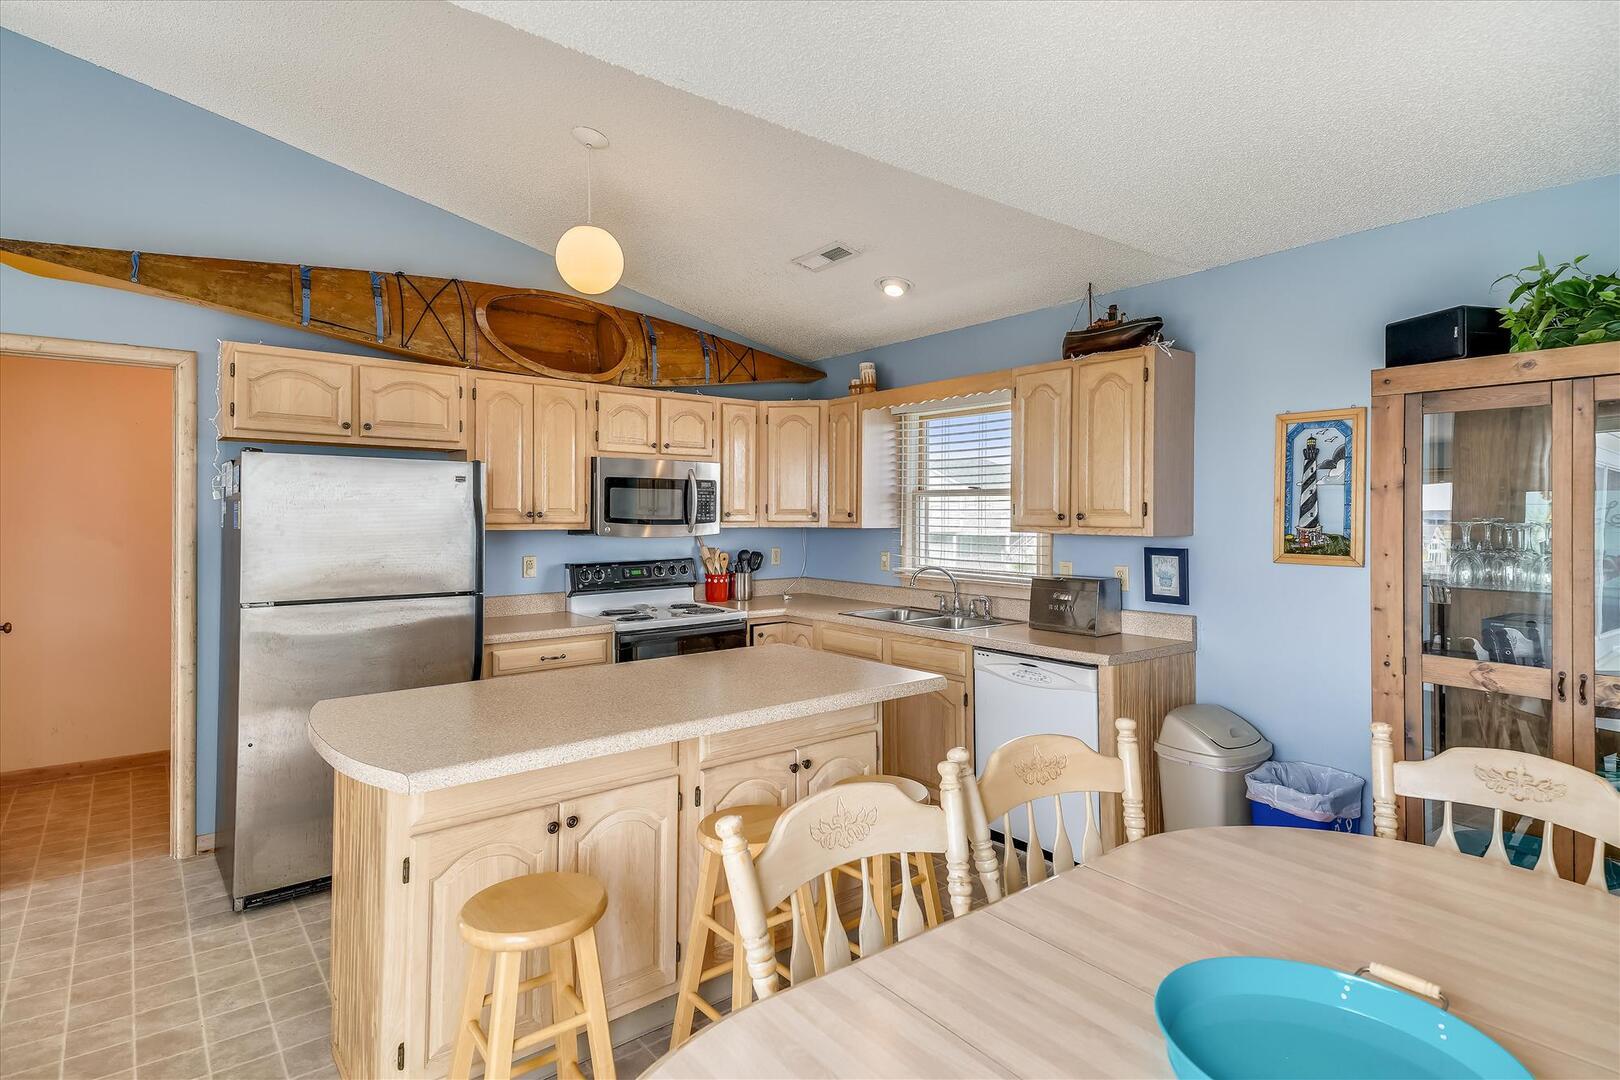 Upper/ Main Floor,Dining Area,